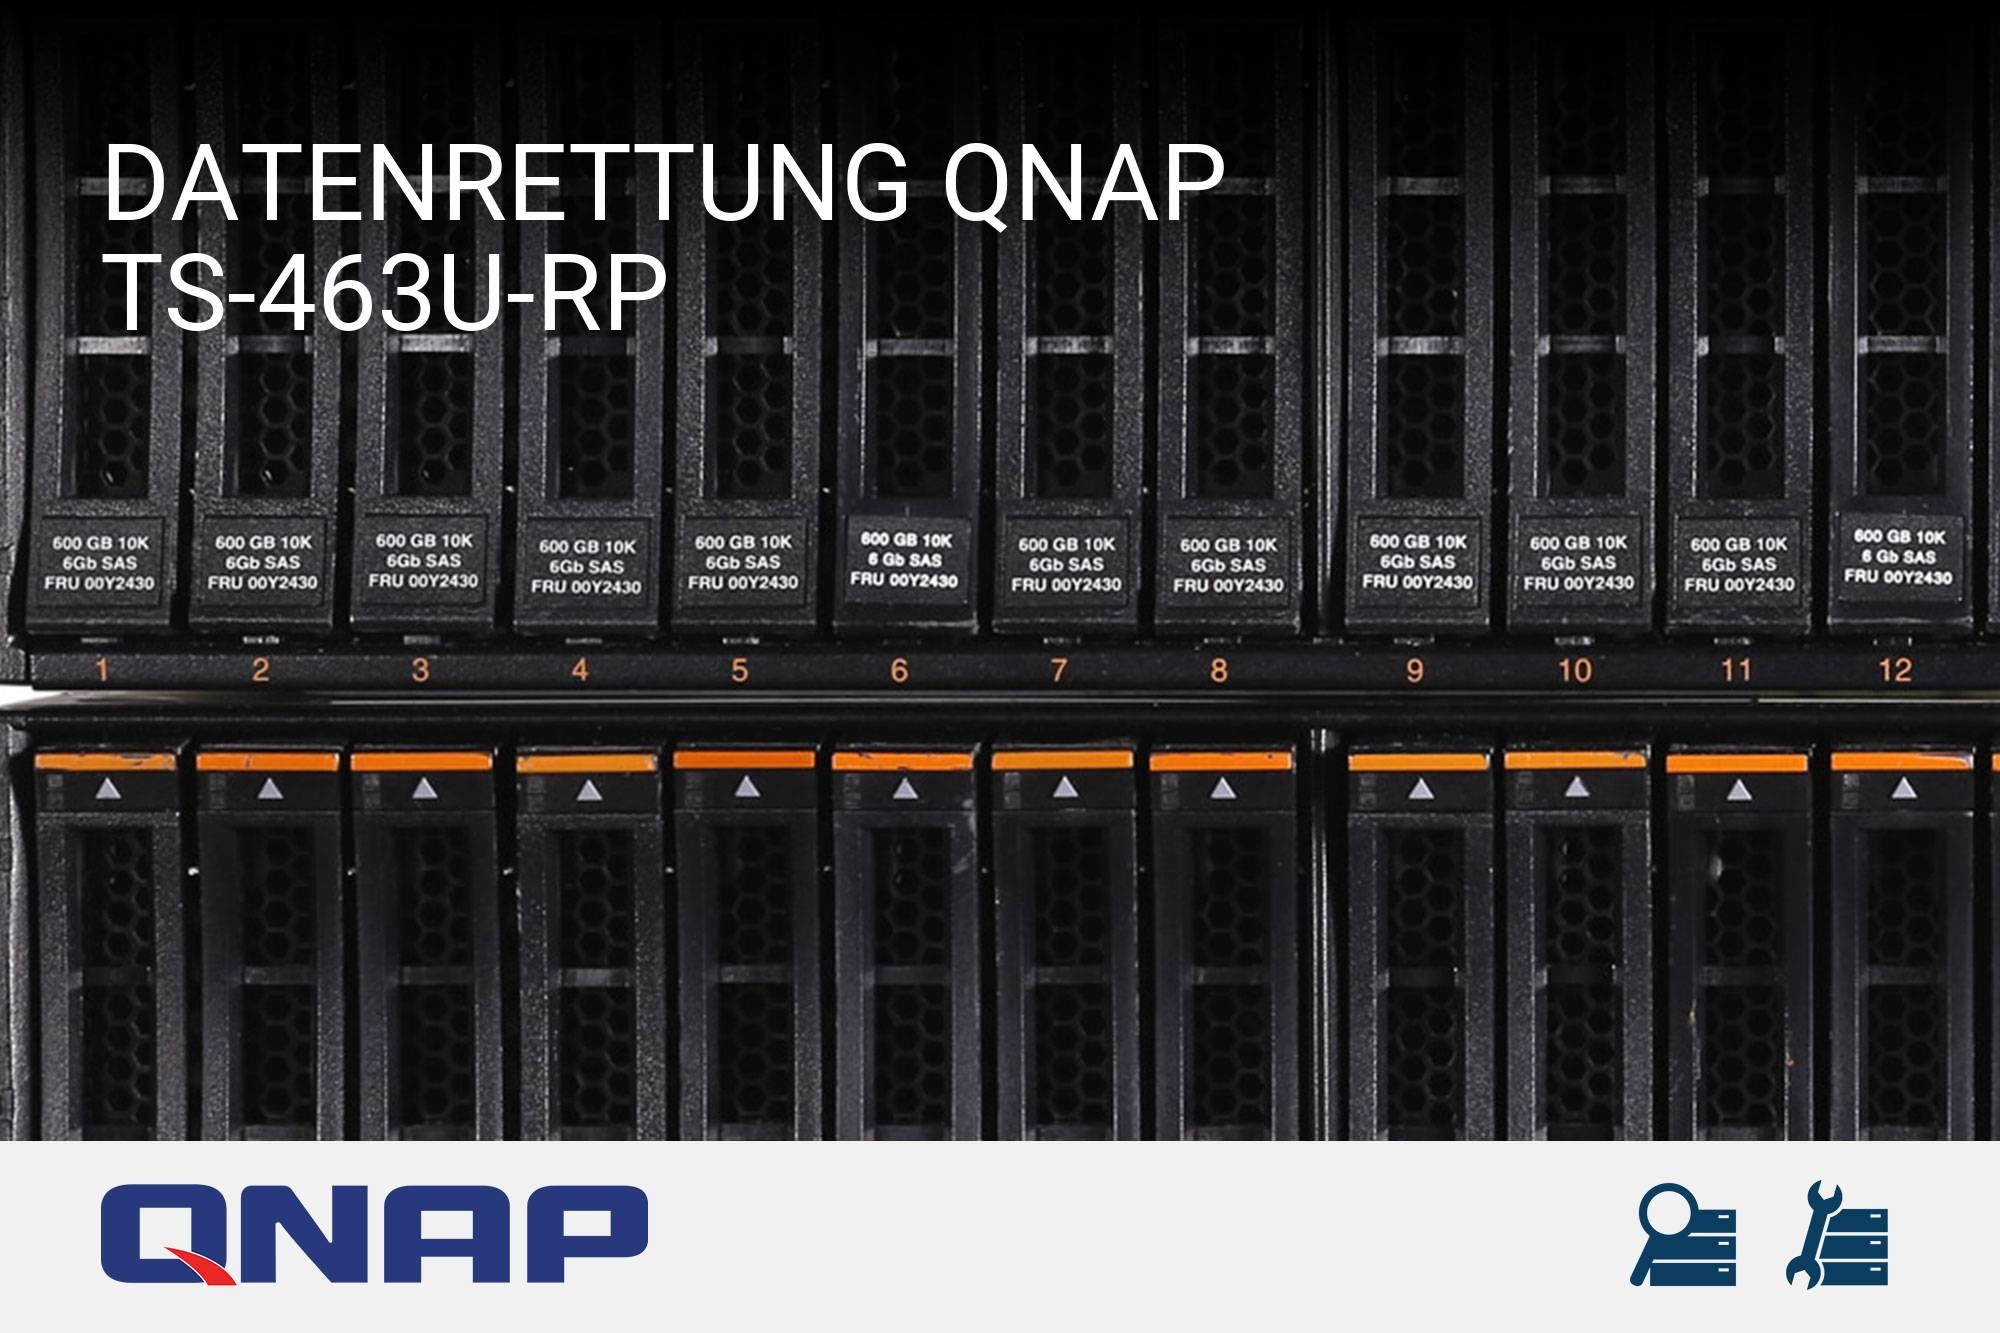 QNAP TS-463U-RP